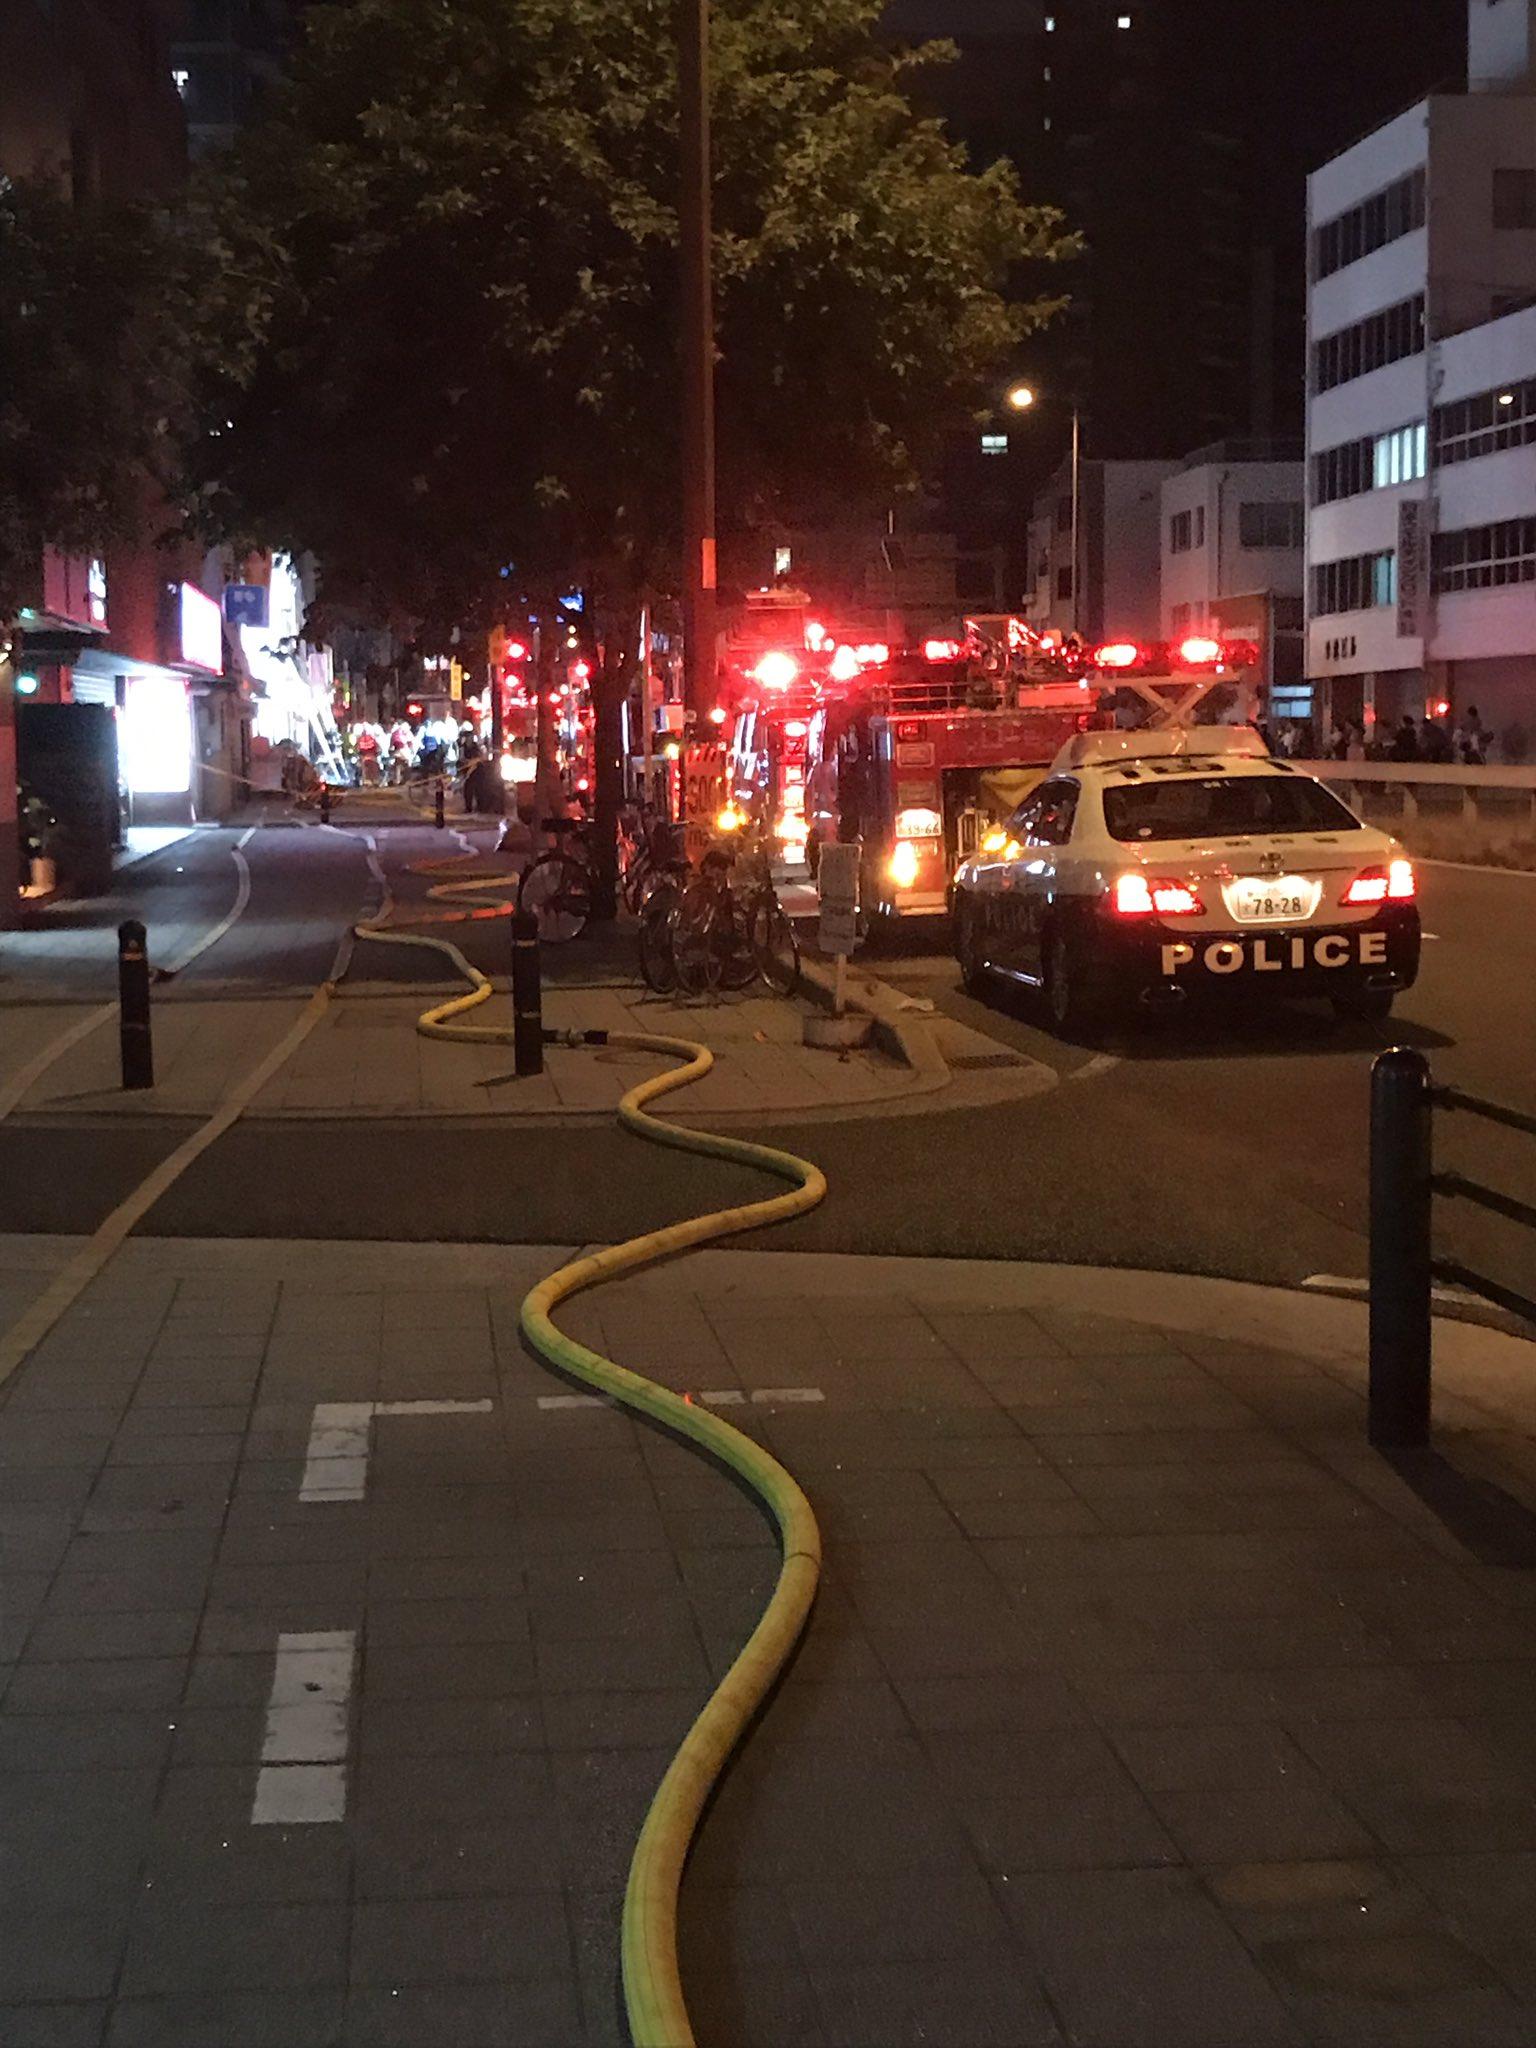 画像,大阪市福島区の野田阪神周辺で大火事ありました。被害者がいないようなので不幸中の幸いです。#火事 #大火事 #大阪市 #福島区 #不幸中の幸い https://t…